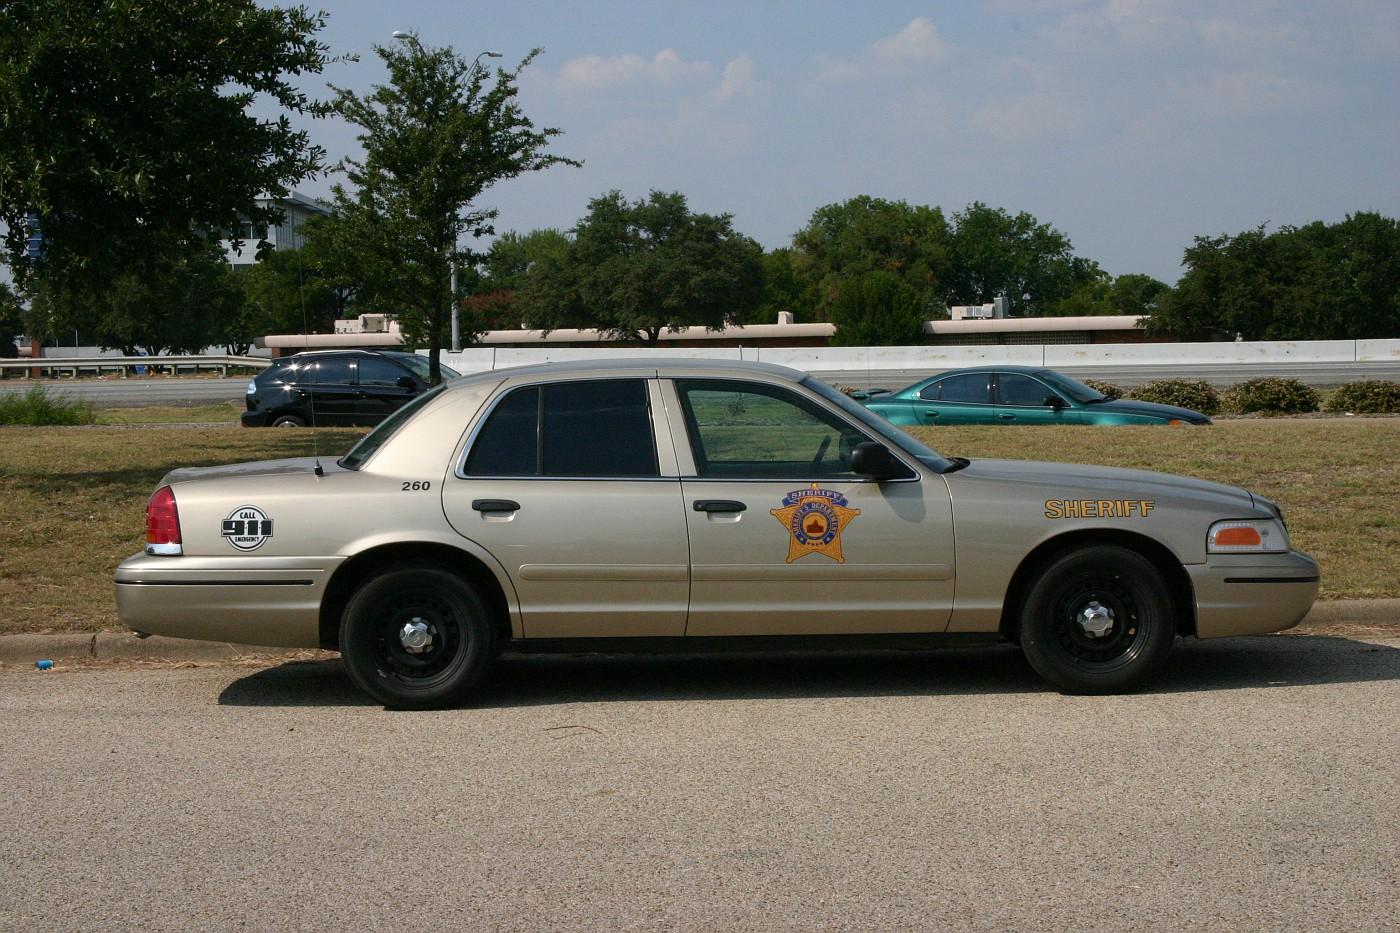 Dallas County Sheriff